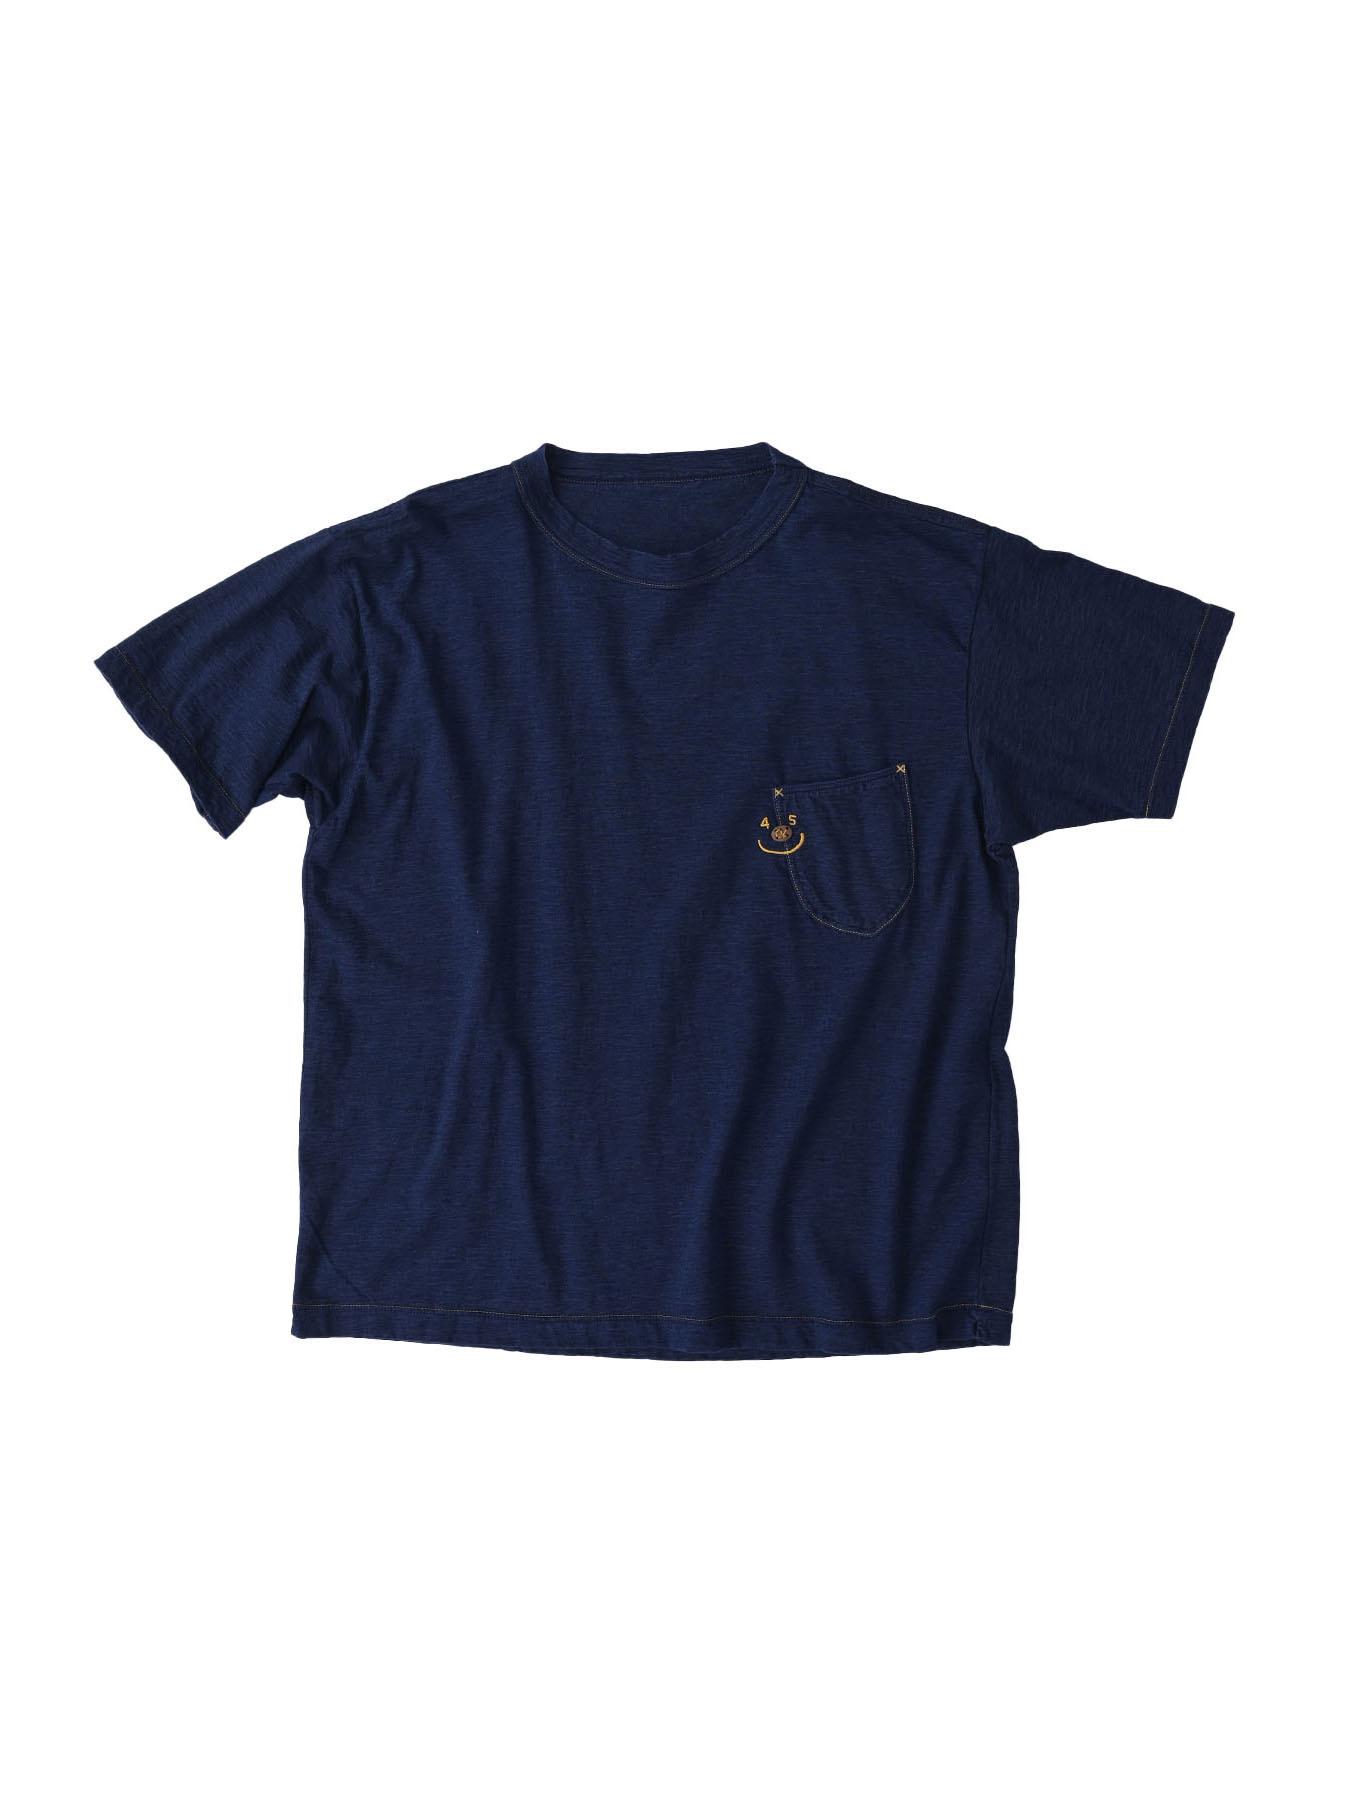 Indigo Smile R Embroidery 908 Ocean T-shirt (0621)-1